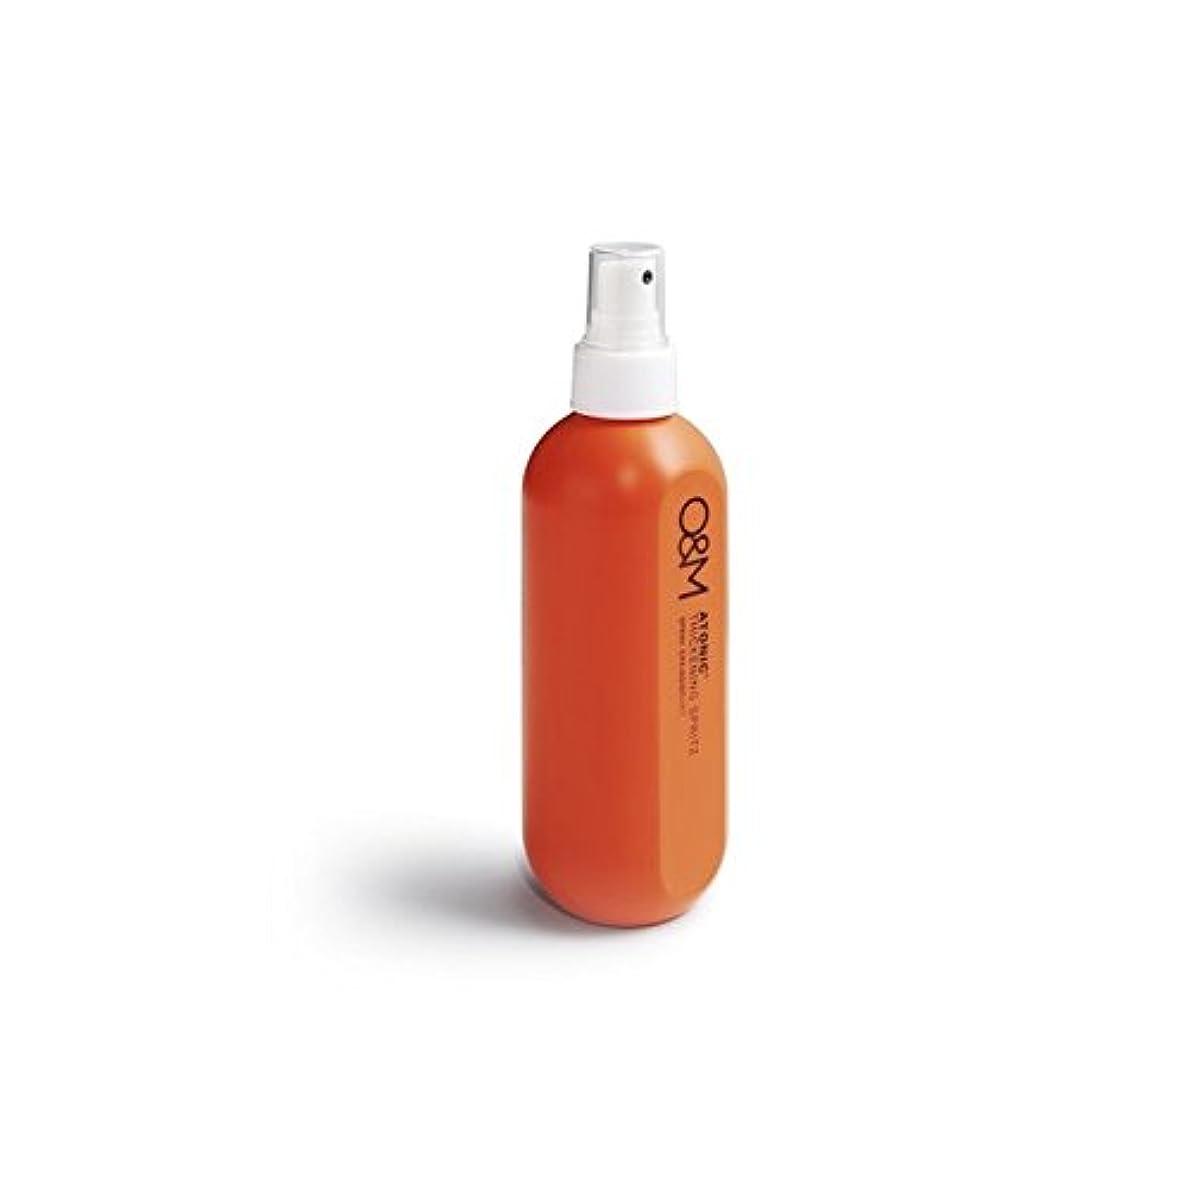 薬局ショップ指オリジナル&ミネラル脱力増粘スプリッツ(250ミリリットル) x4 - Original & Mineral Atonic Thickening Spritz (250ml) (Pack of 4) [並行輸入品]